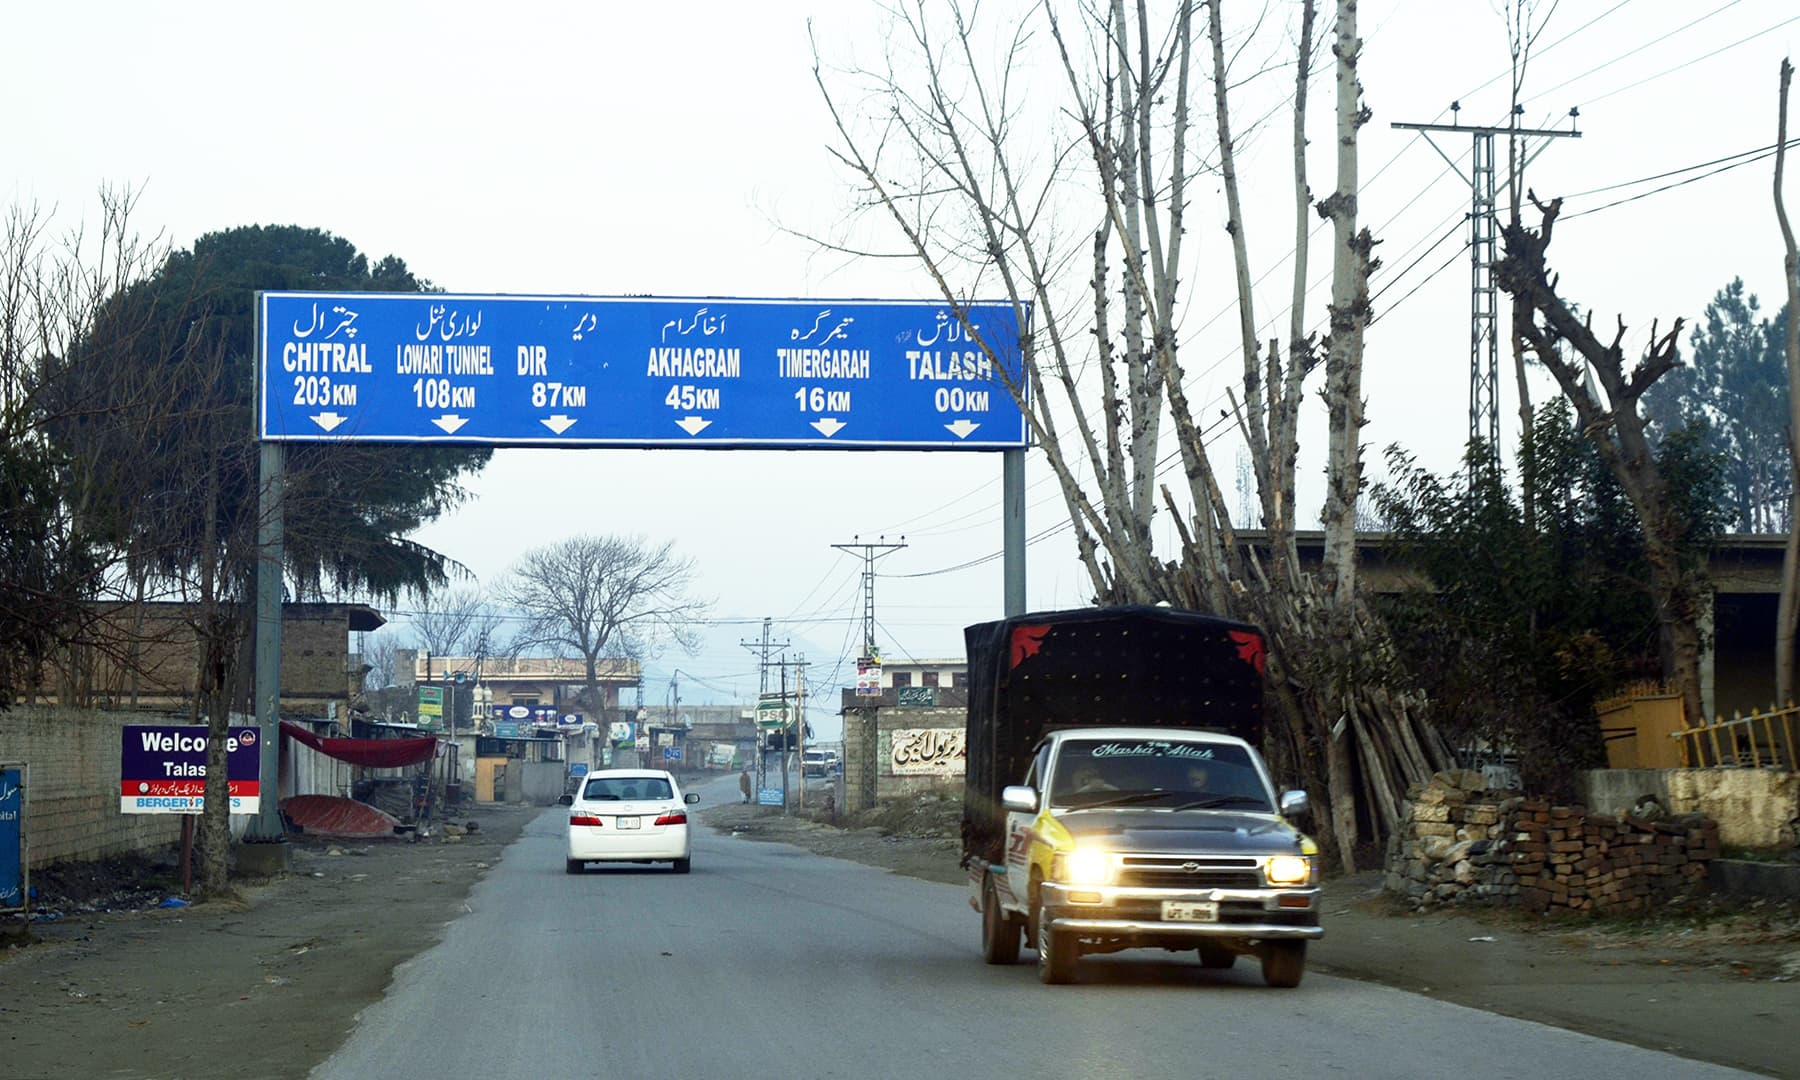 شاہراہ چترال پر چکدرہ بازار، گل آباد اور تالاش سے ہوتے ہوئے ہم تیمرگرہ پہنچے—شہزاد اصغر مغل